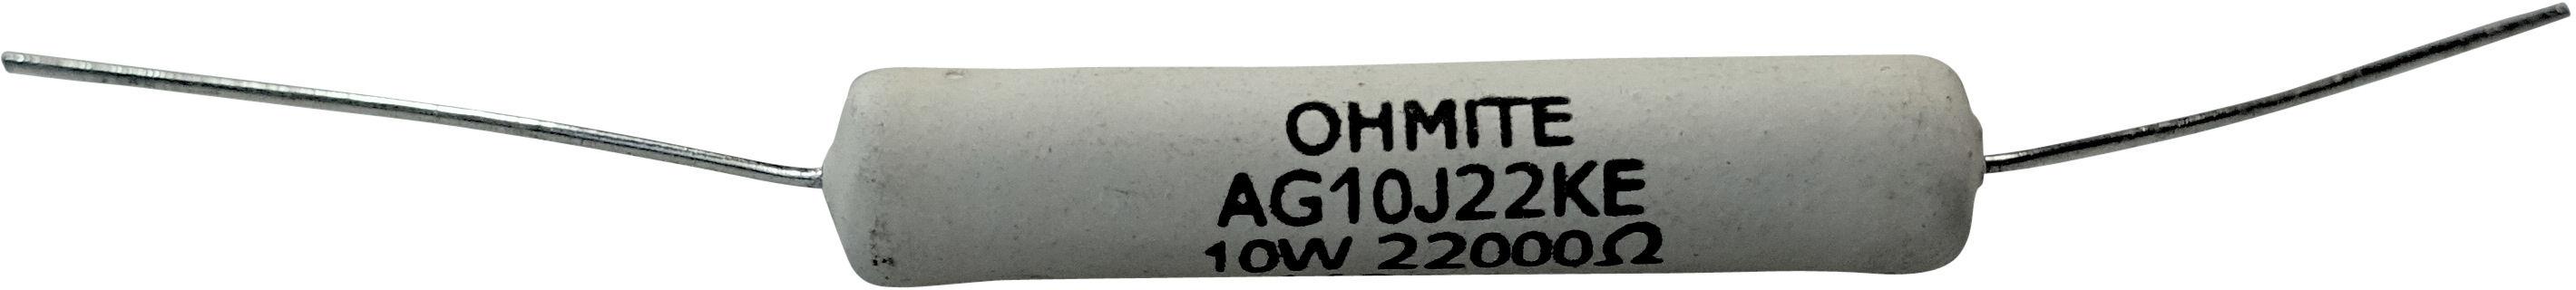 Ohmite Audio Gold 10W - 0,33 Ohm